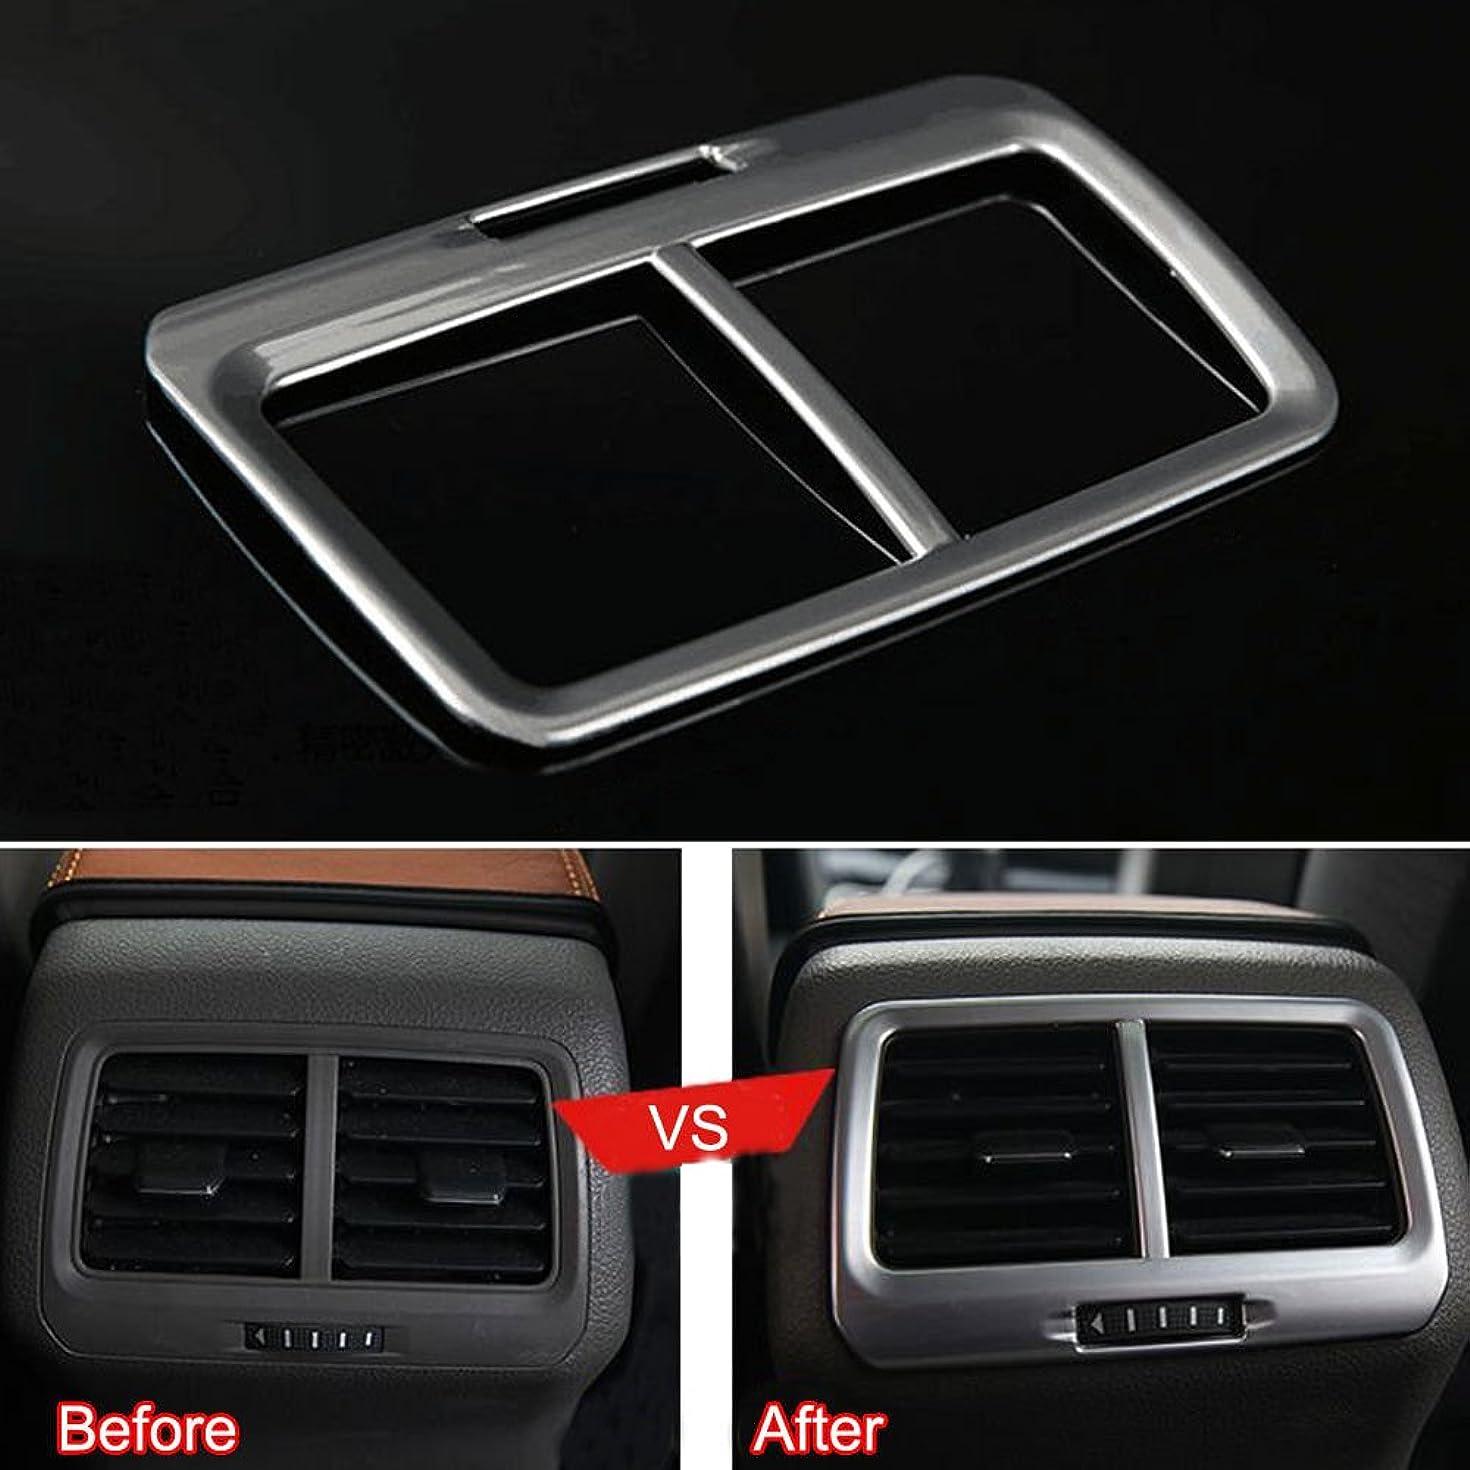 ドラム必要条件モンキーJicorzo - Silver A/C Outlet Vent Frame Cover Trim ABS Interior Car Styling Fit for VW Golf 7 MK7 2014 2015